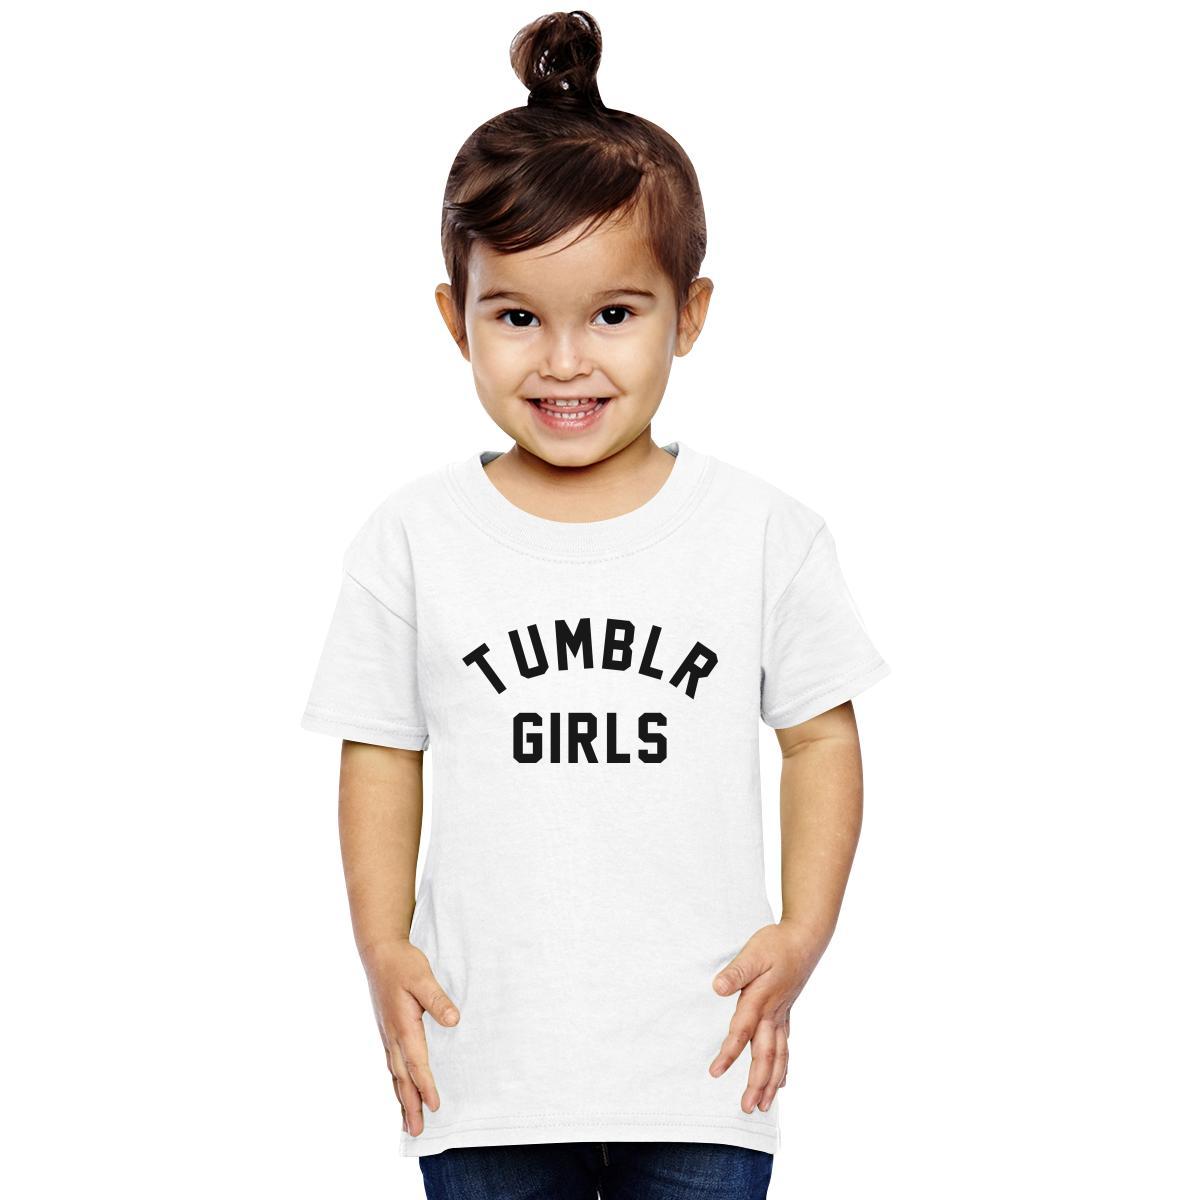 Tumblr Girls Toddler T Shirt Customon